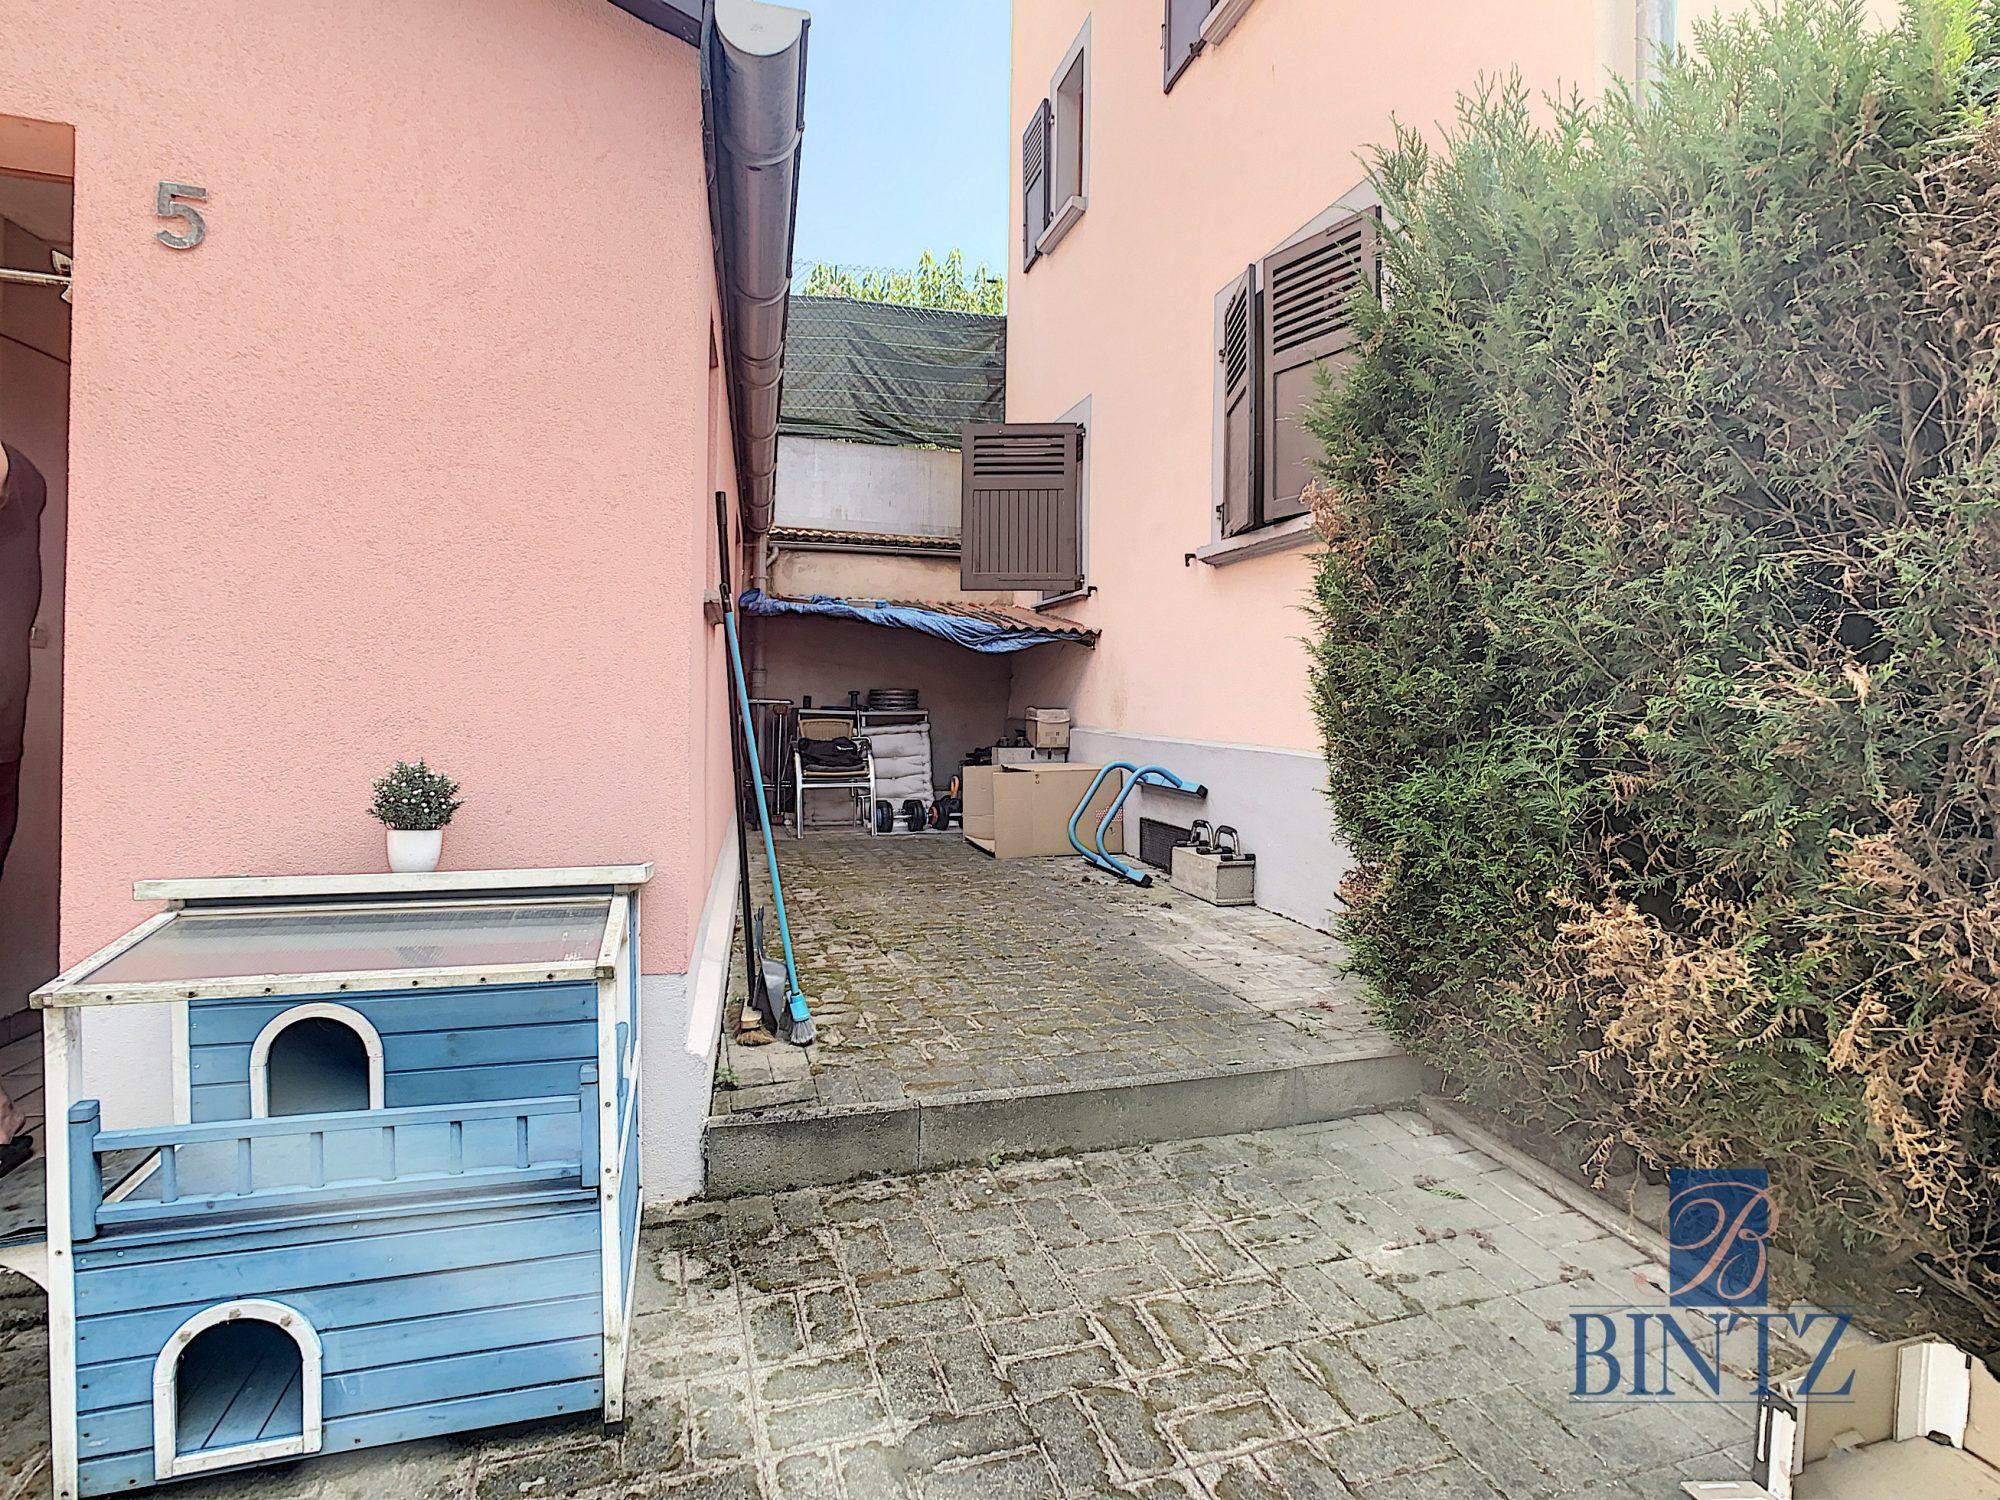 Pour investisseur : maison 2 pièces louée, avec garage fermé - Devenez propriétaire en toute confiance - Bintz Immobilier - 12